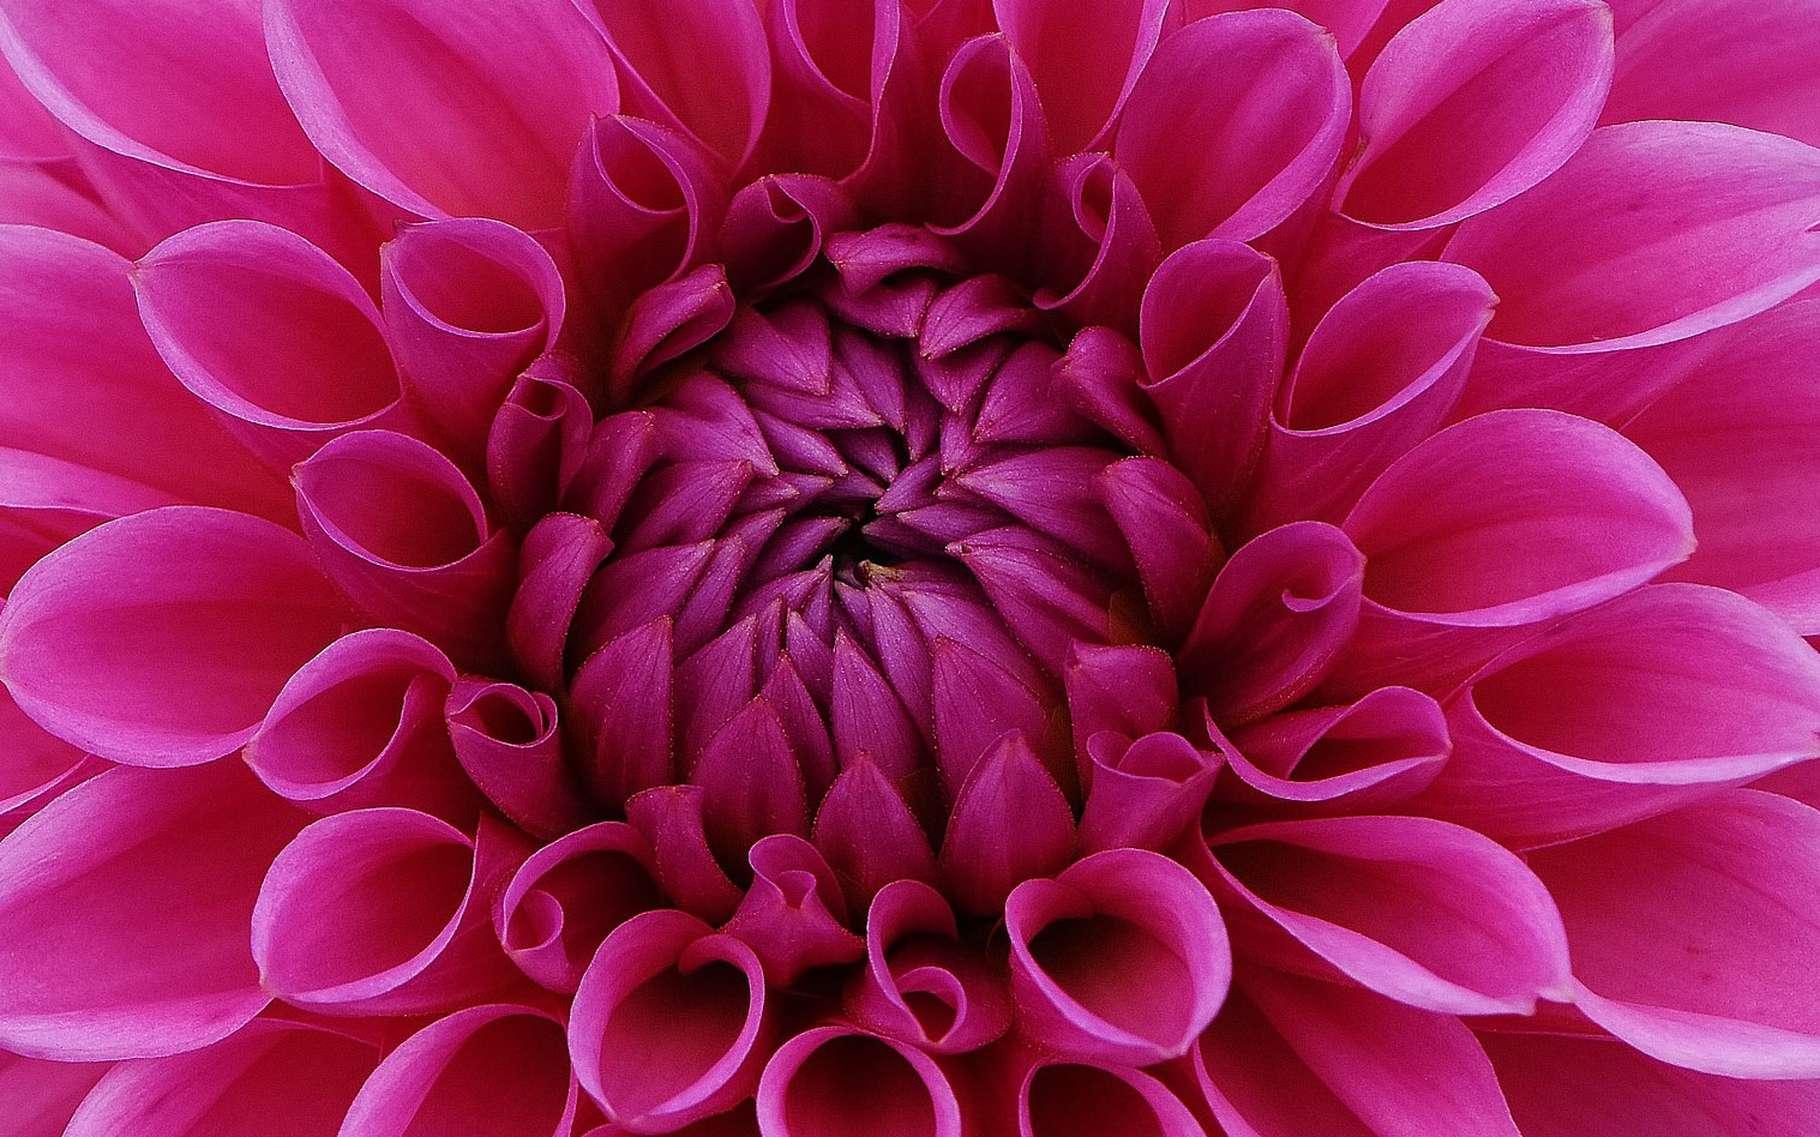 Dahlia, cœur de fleur violet. © Alexas_fotos, Pixabay, DP